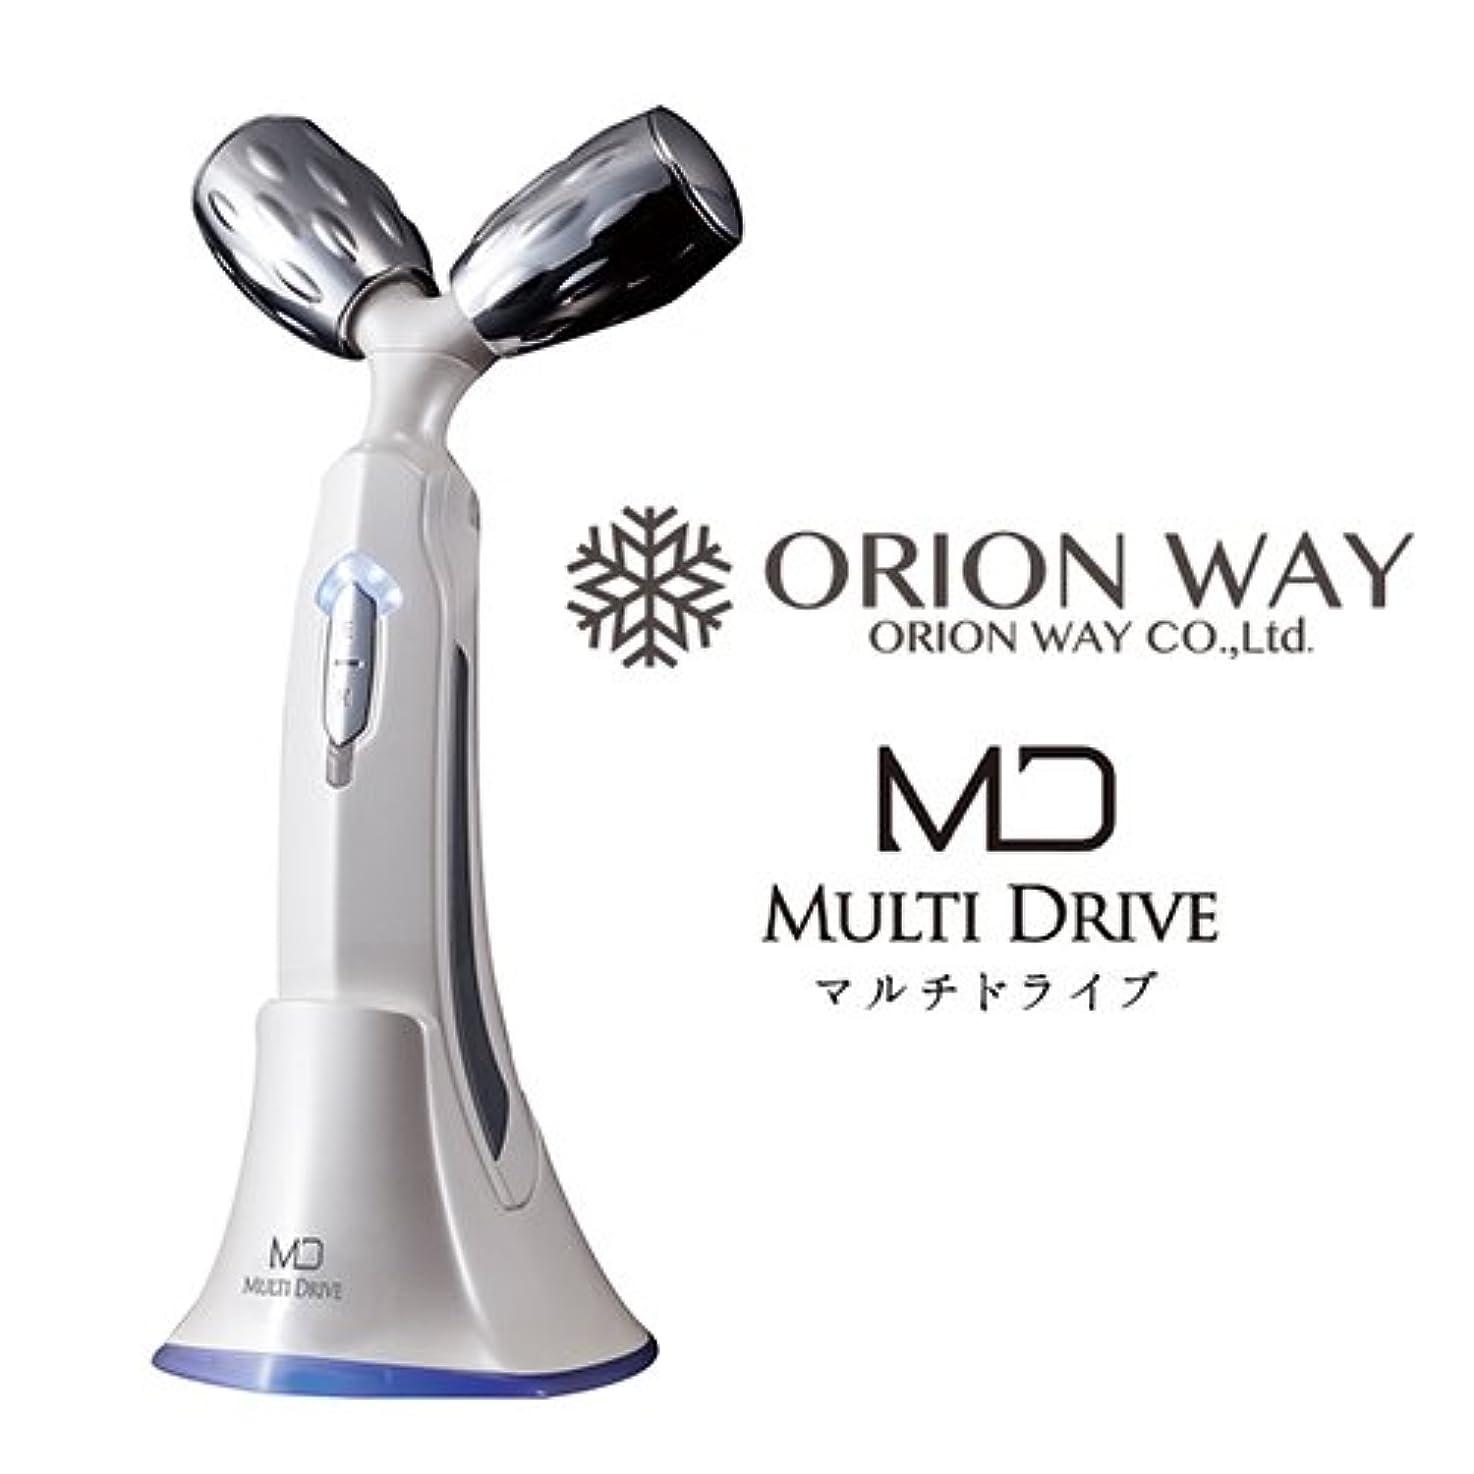 切るがっかりした病気美容機器 MULTI DRIVE (マルチドライブ)